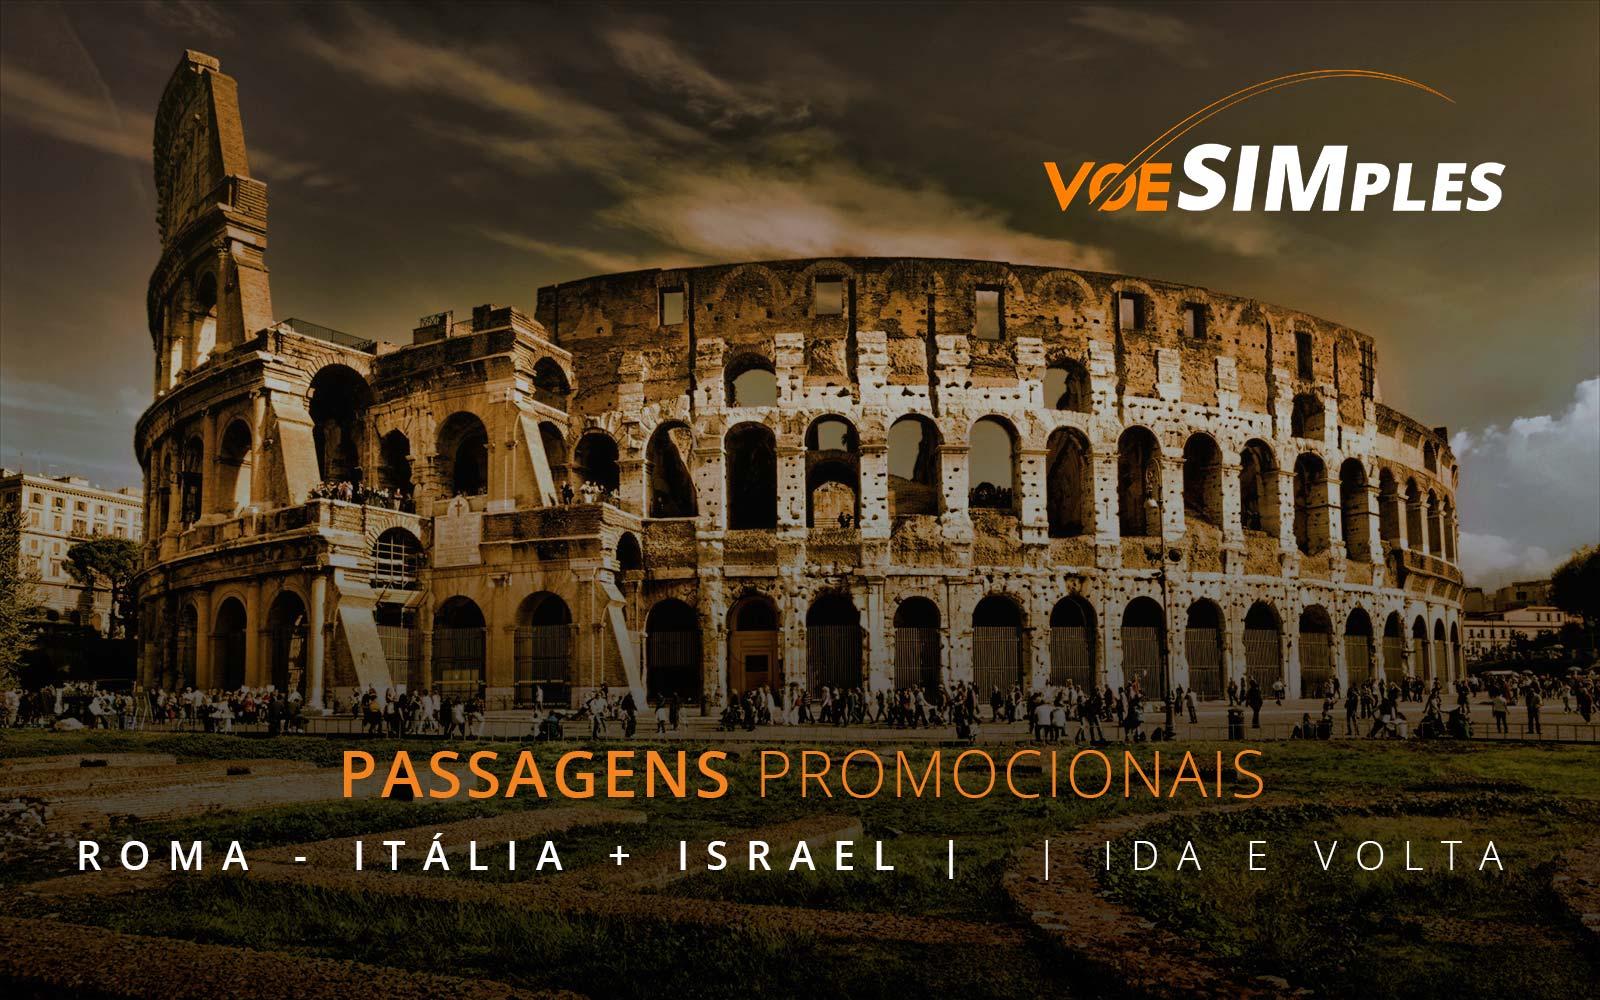 Passagens aéreas promocionais para a Itália e Israel